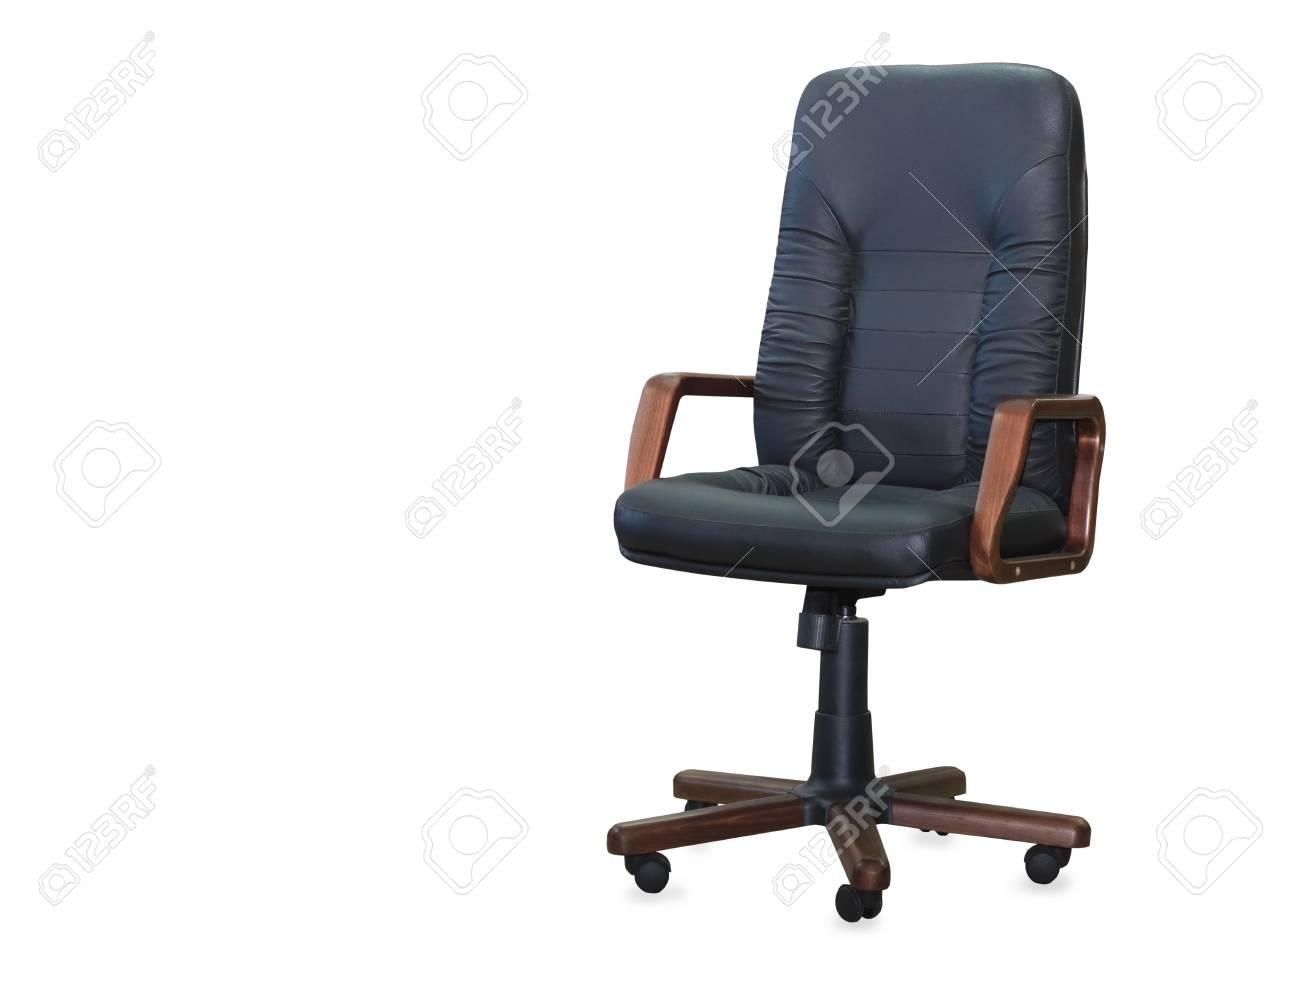 Chaise de bureau moderne en cuir noir isolé banque d images et